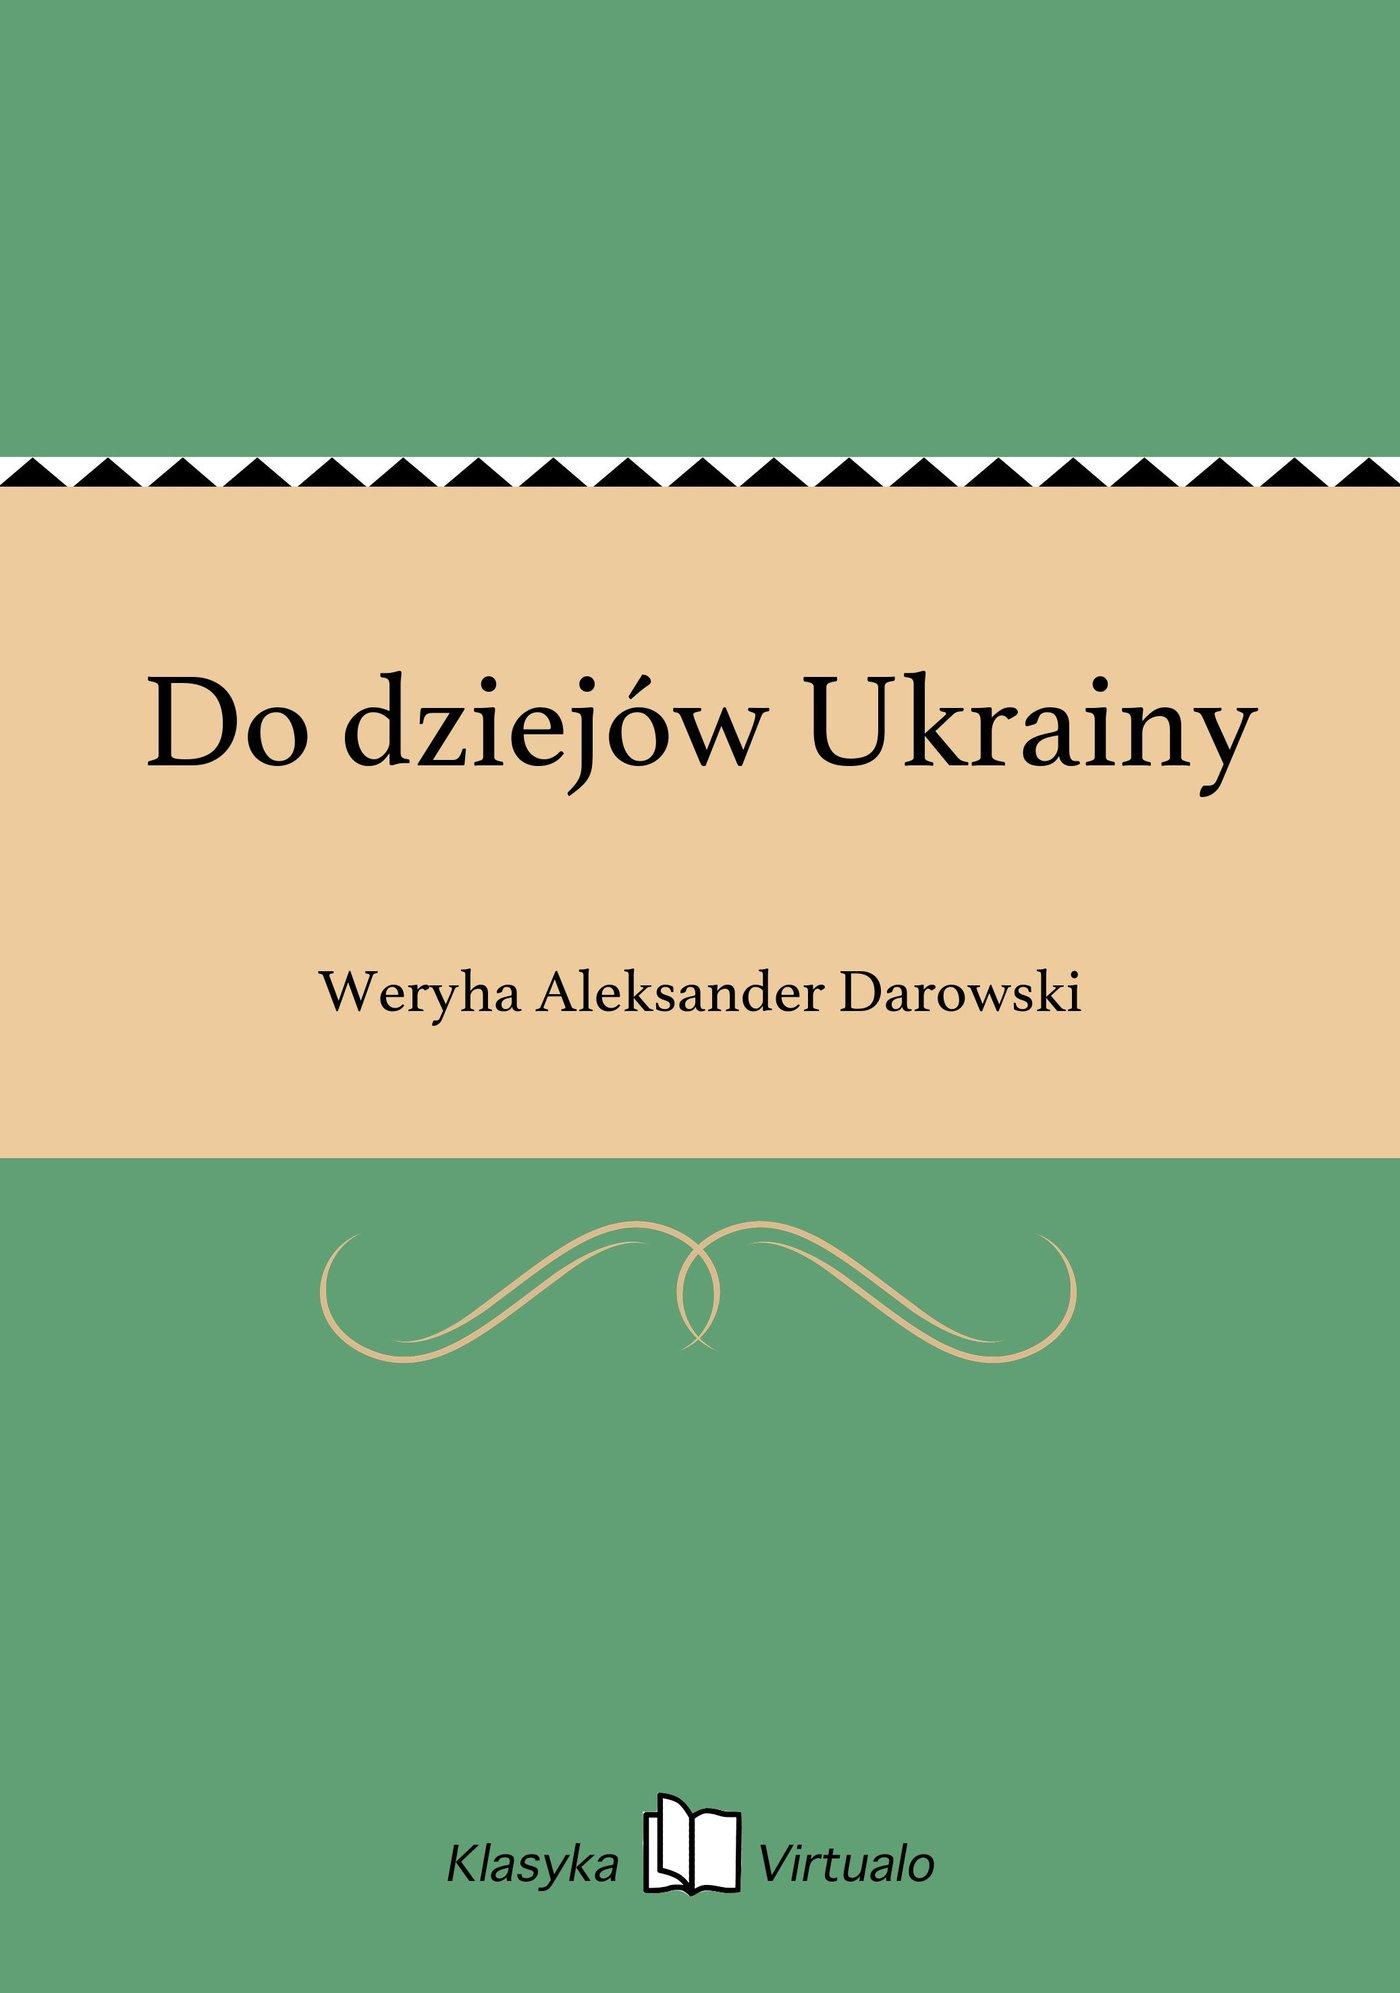 Do dziejów Ukrainy - Ebook (Książka na Kindle) do pobrania w formacie MOBI